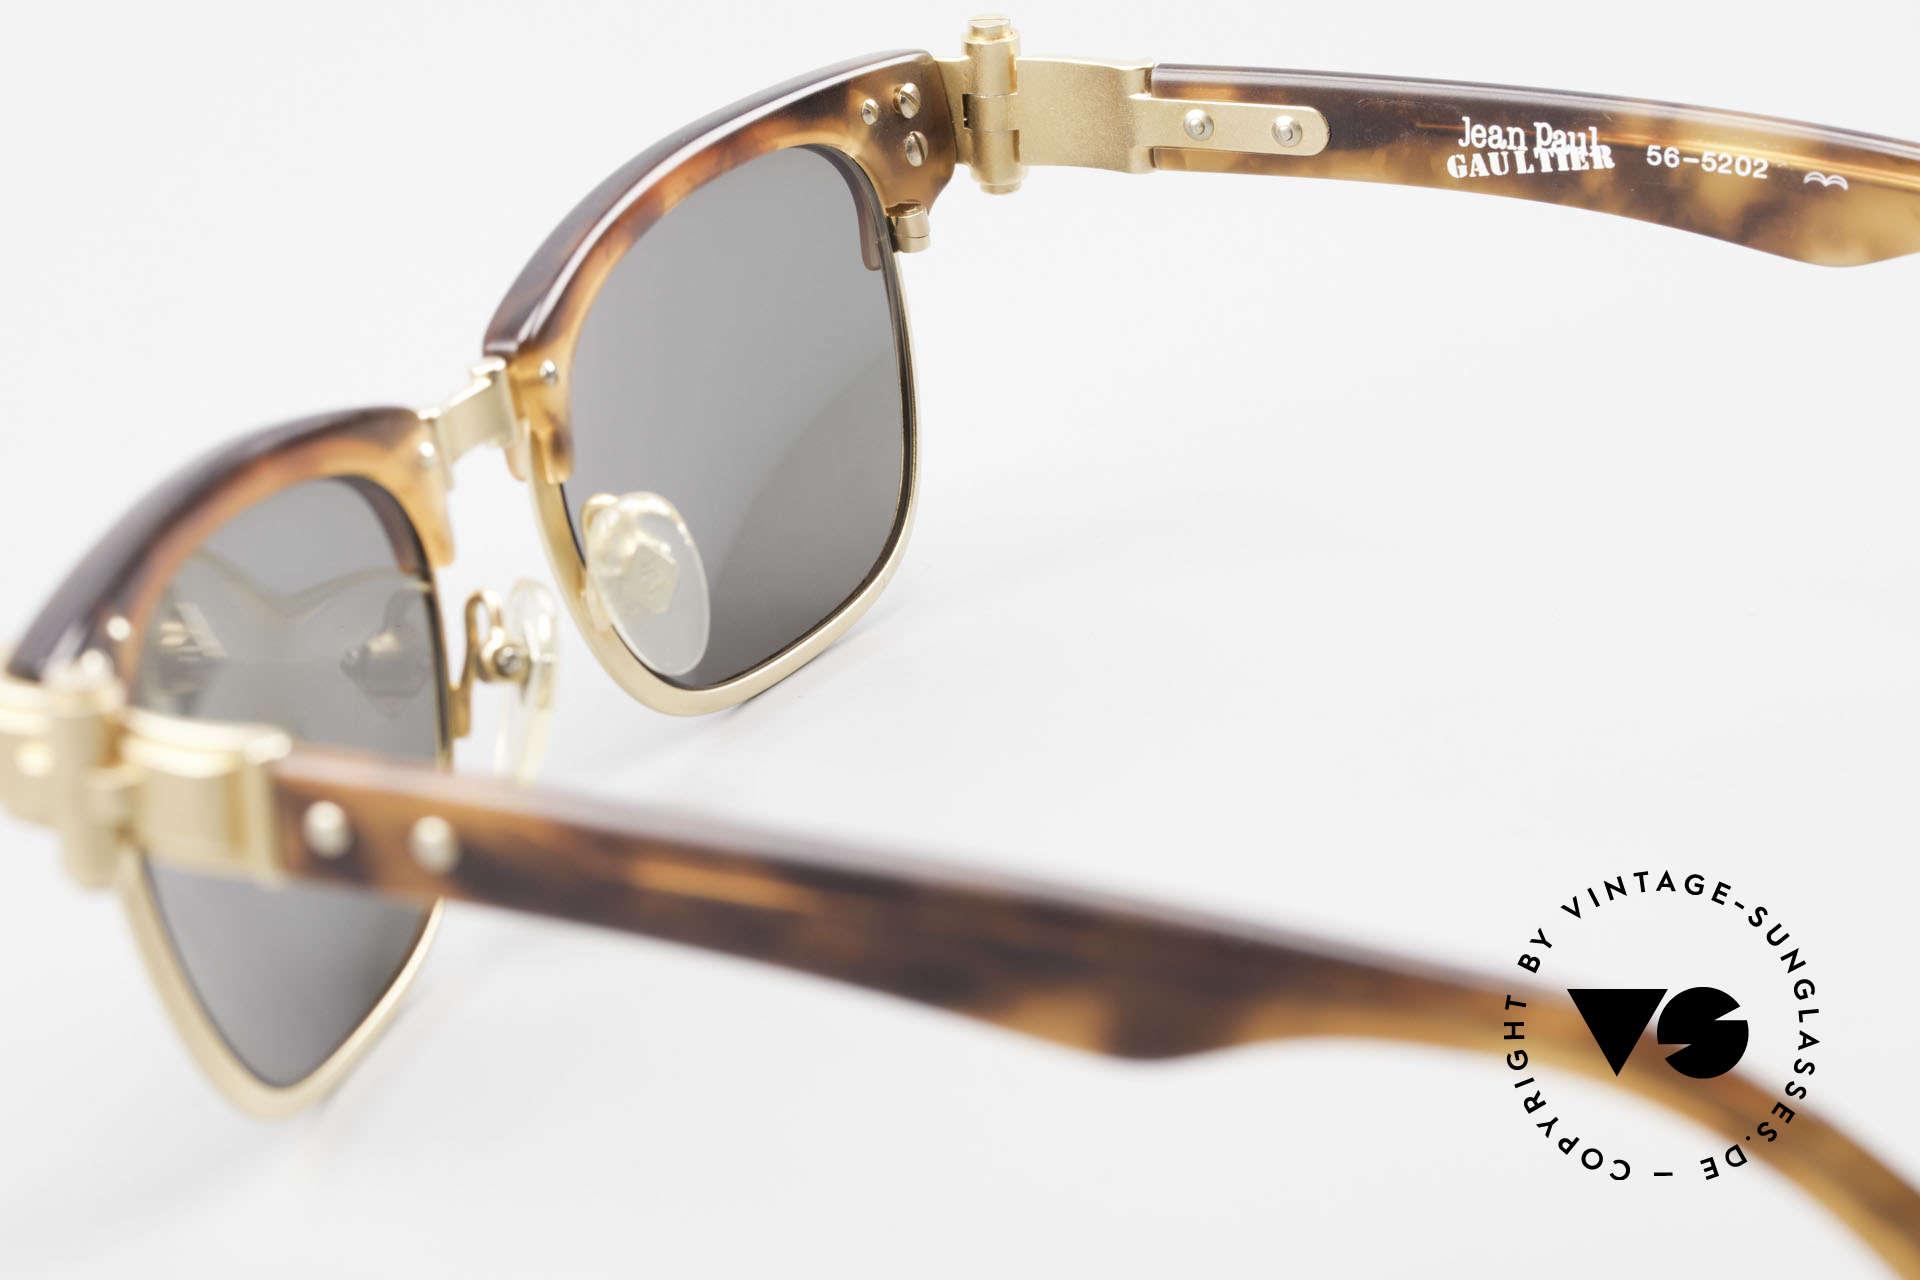 Jean Paul Gaultier 56-5202 JPG Designer Sonnenbrille, Größe: large, Passend für Herren und Damen